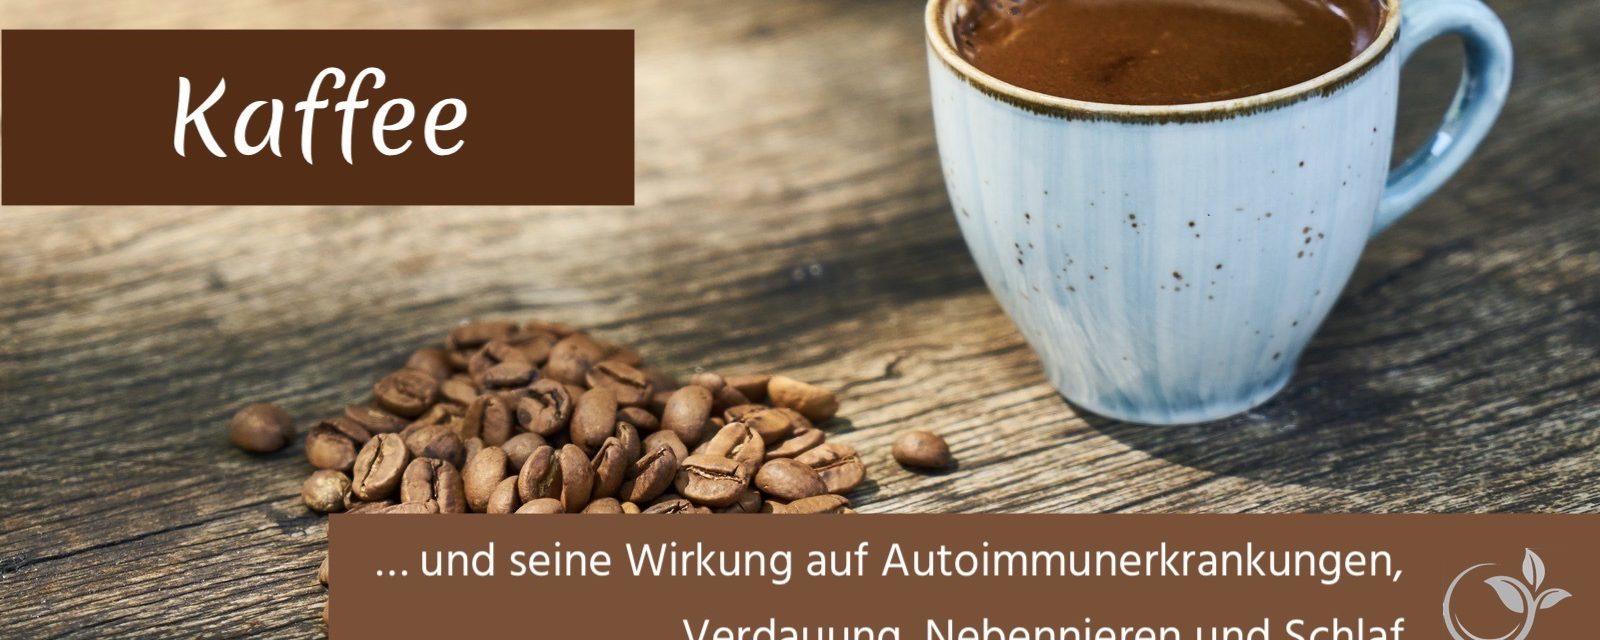 Kaffee … und seine Wirkung auf Autoimmunerkrankungen, die Verdauung, die Nebennieren und den Schlaf